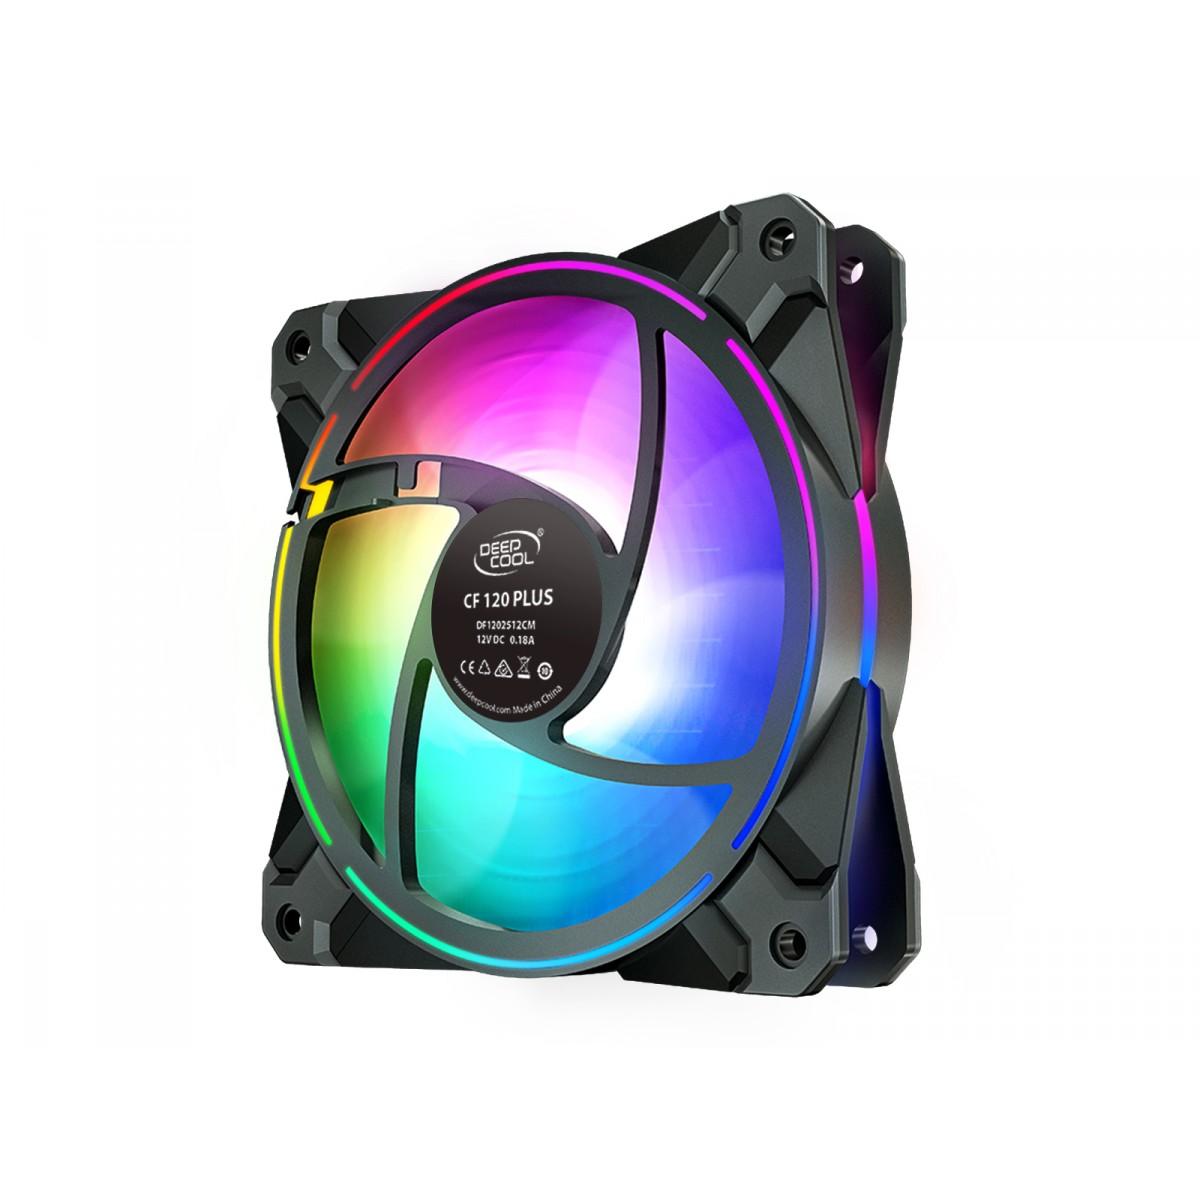 Kit Fan com 3 Unidades DeepCool Dual Ring, RGB 120mm, CF120 PLUS, DP-F12-AR-CF120P-3P